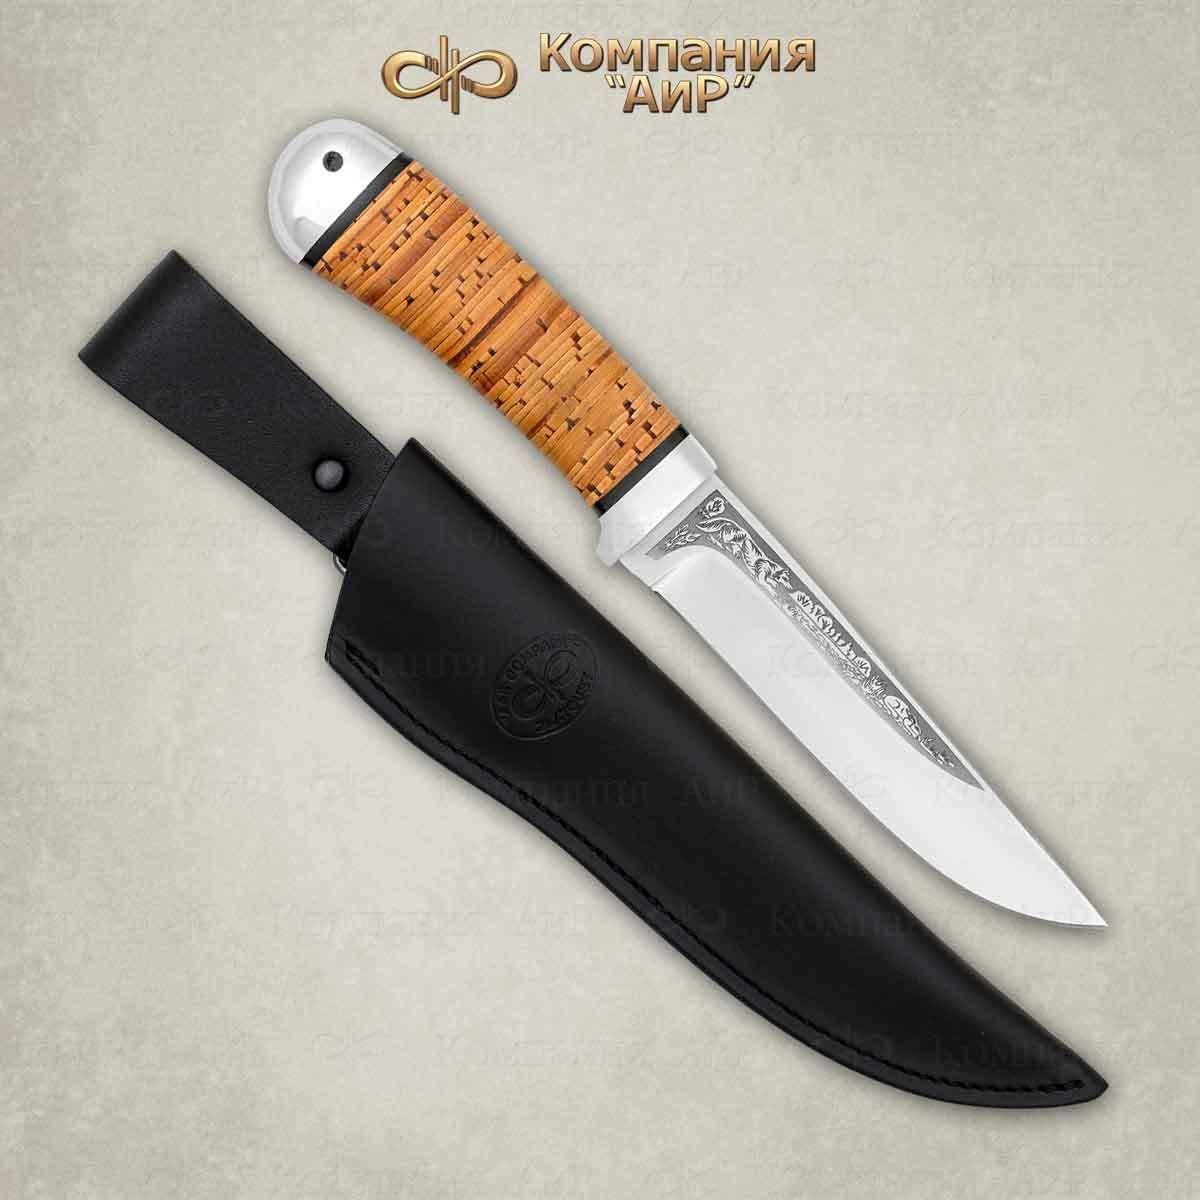 Нож Лиса, сталь 95х18, рукоять береста, алюминий